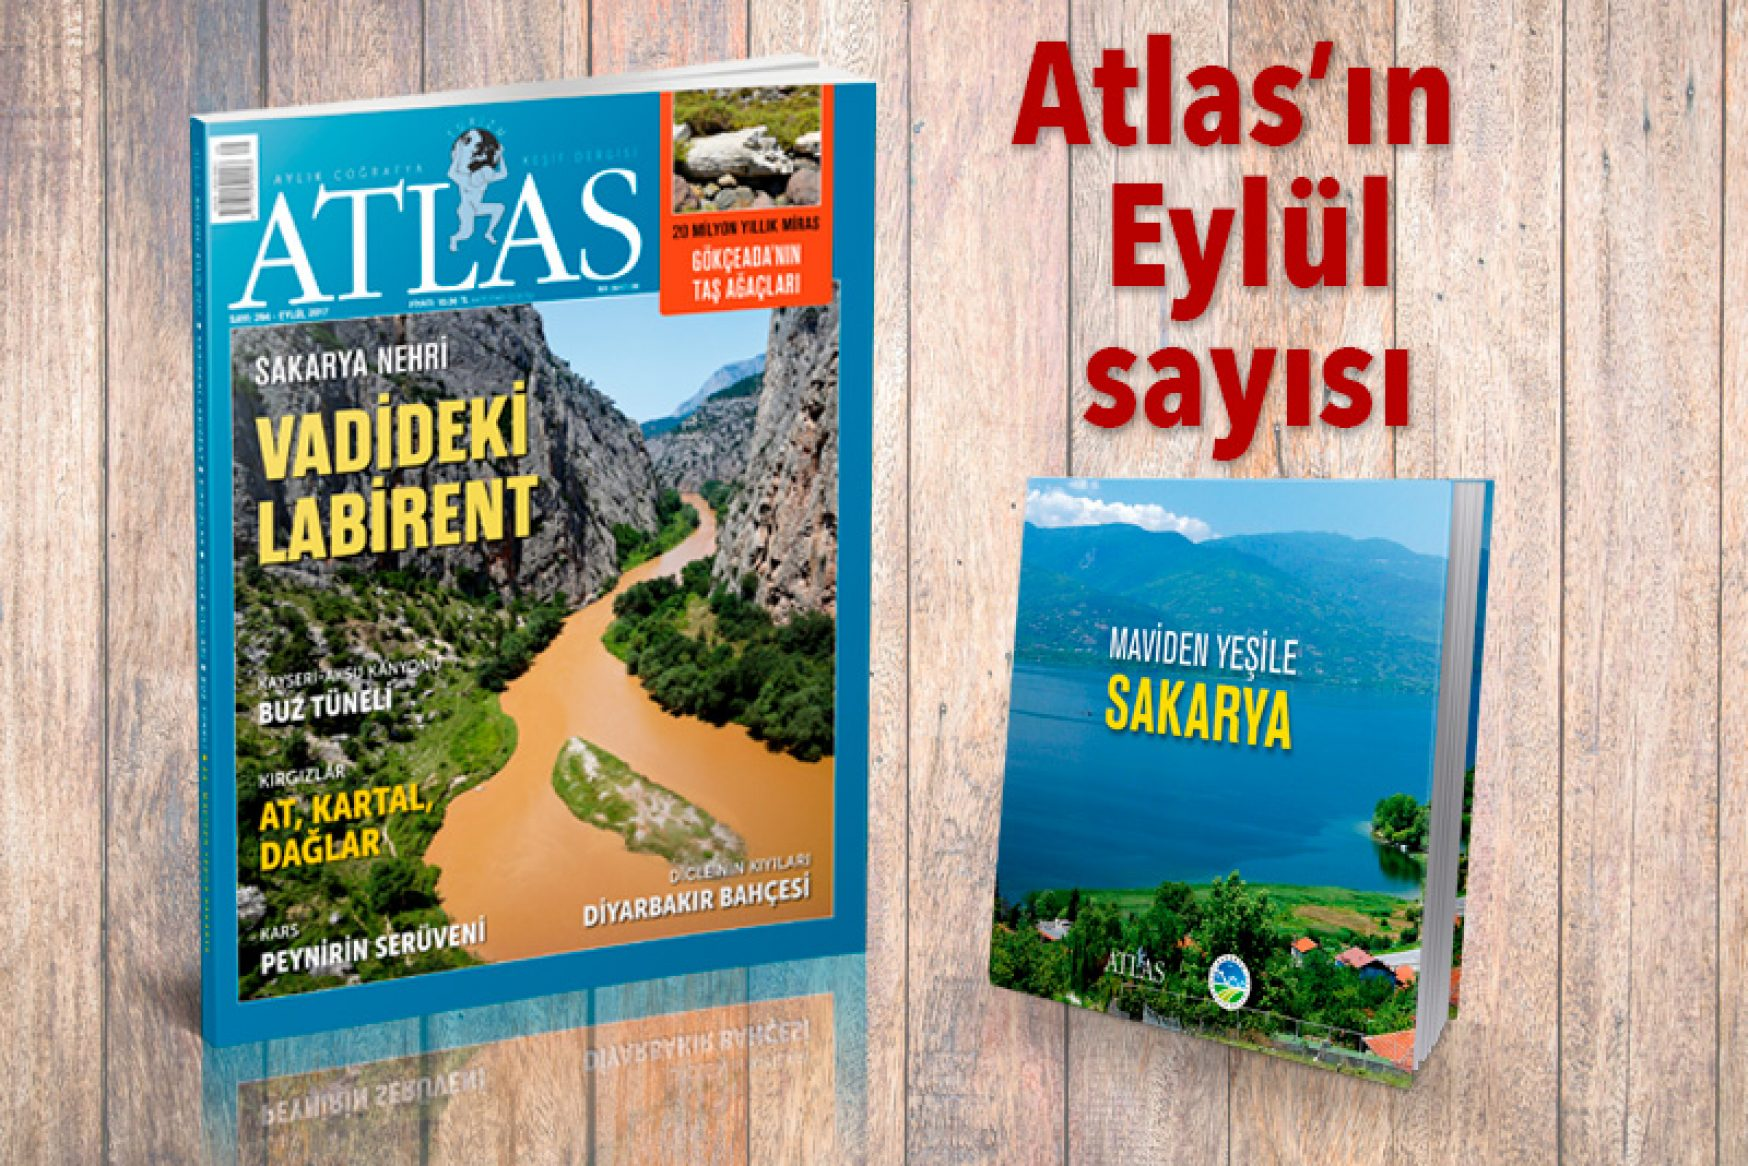 Eylül Atlas'ı